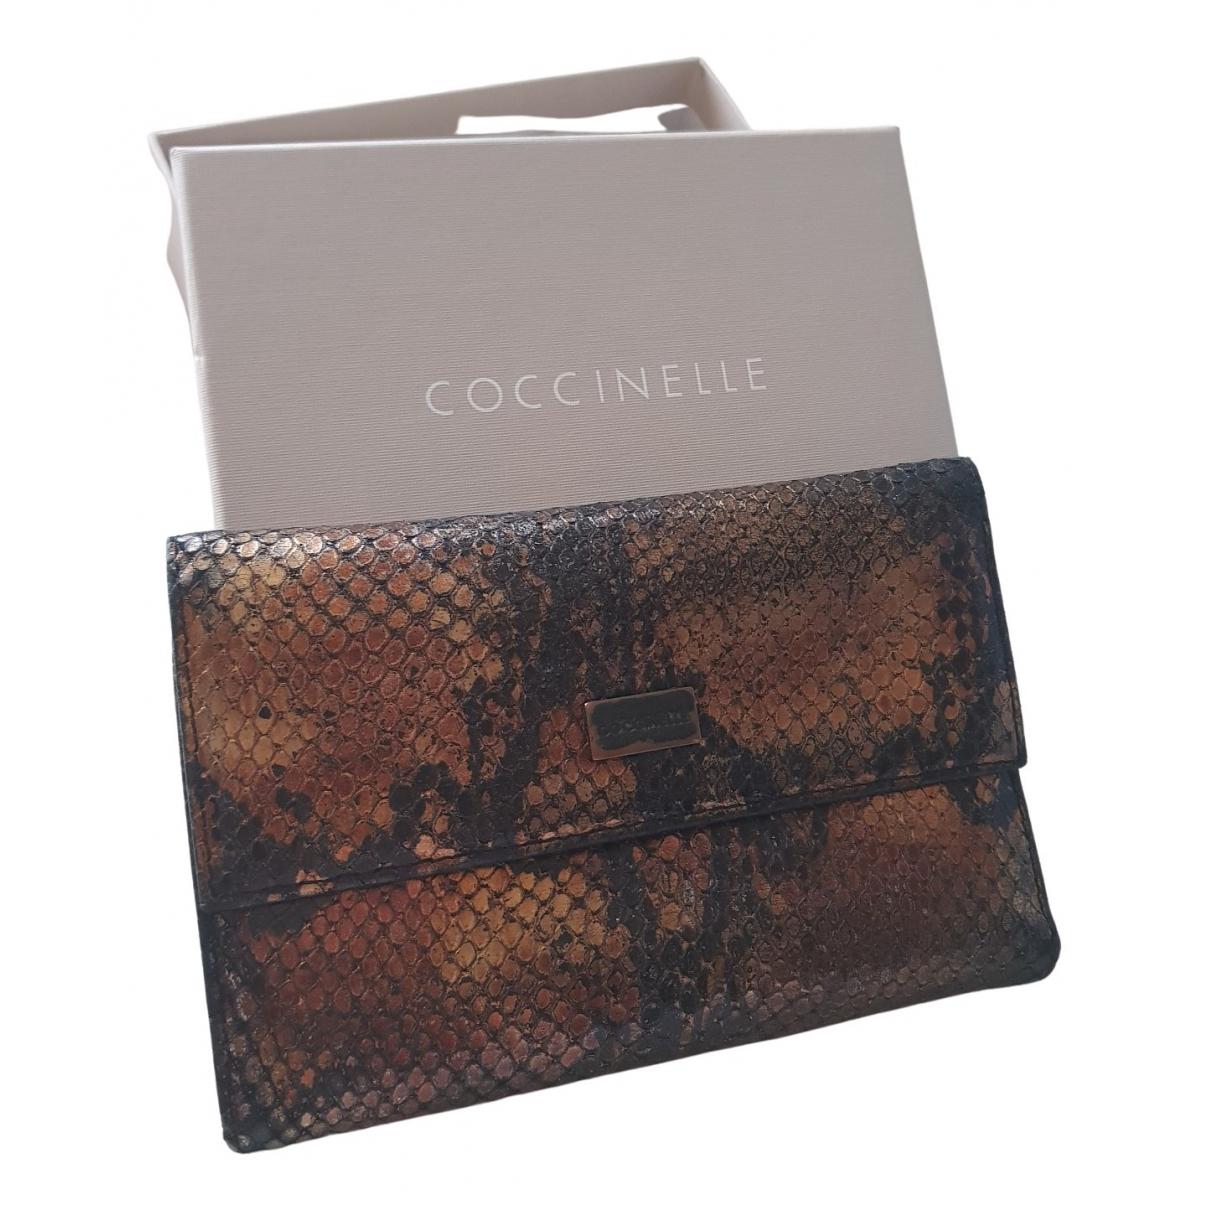 Coccinelle - Portefeuille   pour femme en cuir - dore